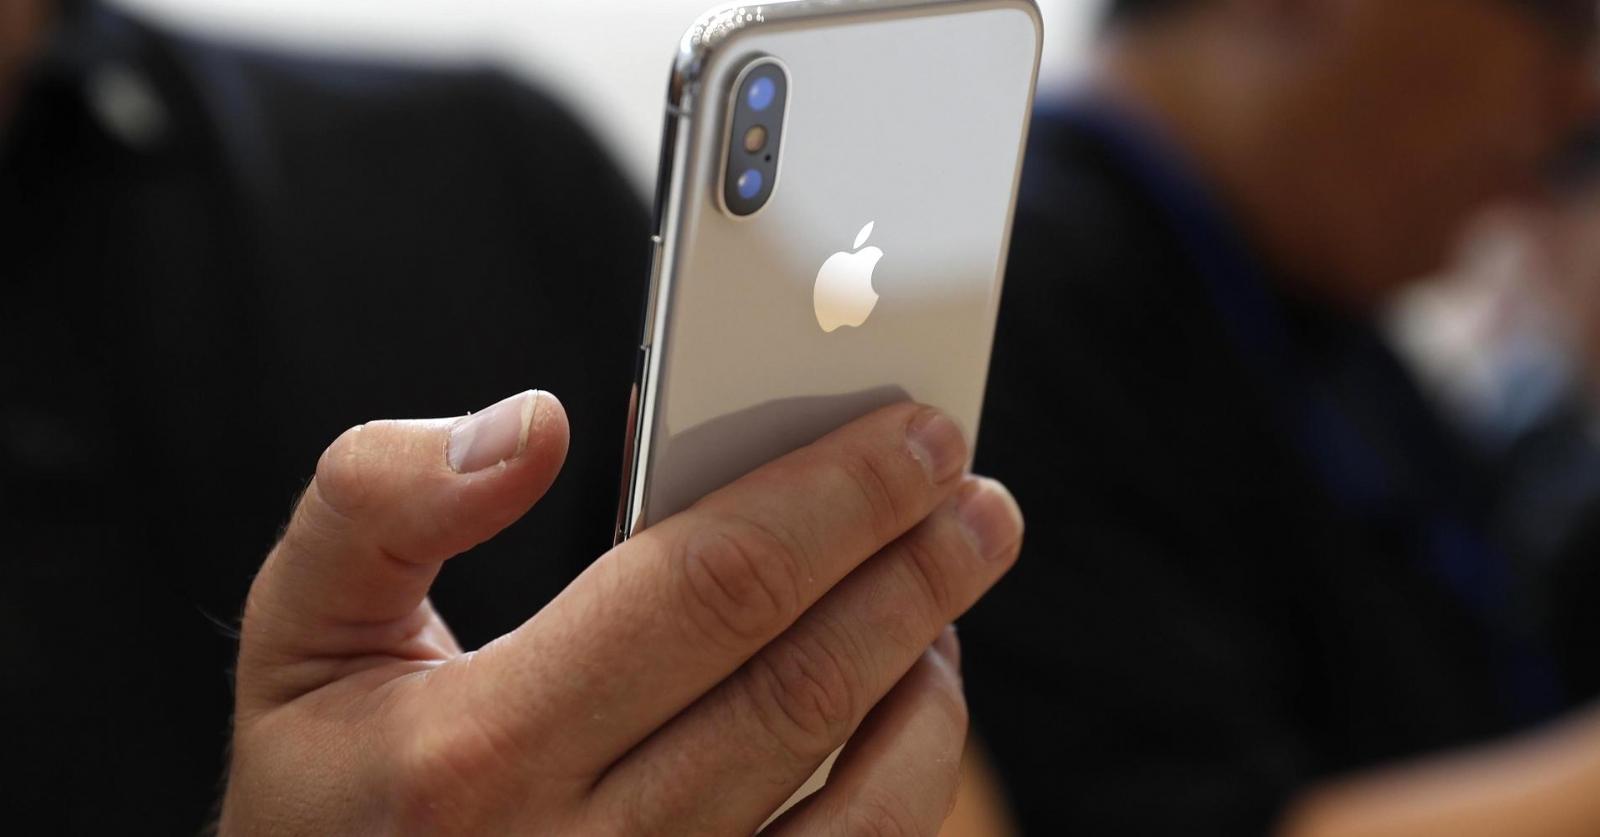 Reportan fallas para responder llamadas en el iPhone X